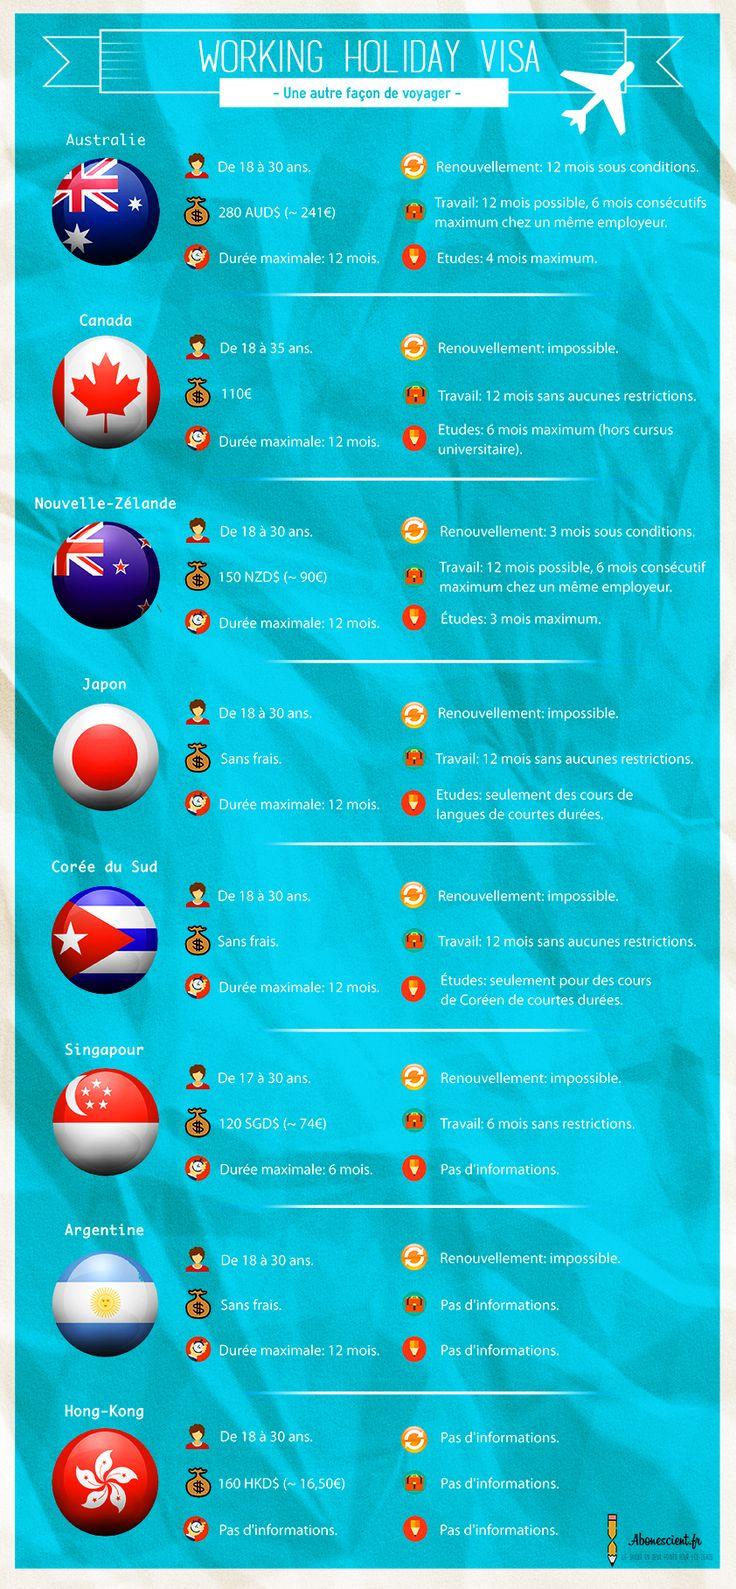 #Infographie sur les différents #Visas Working Holiday. #voyage #visa #VWH